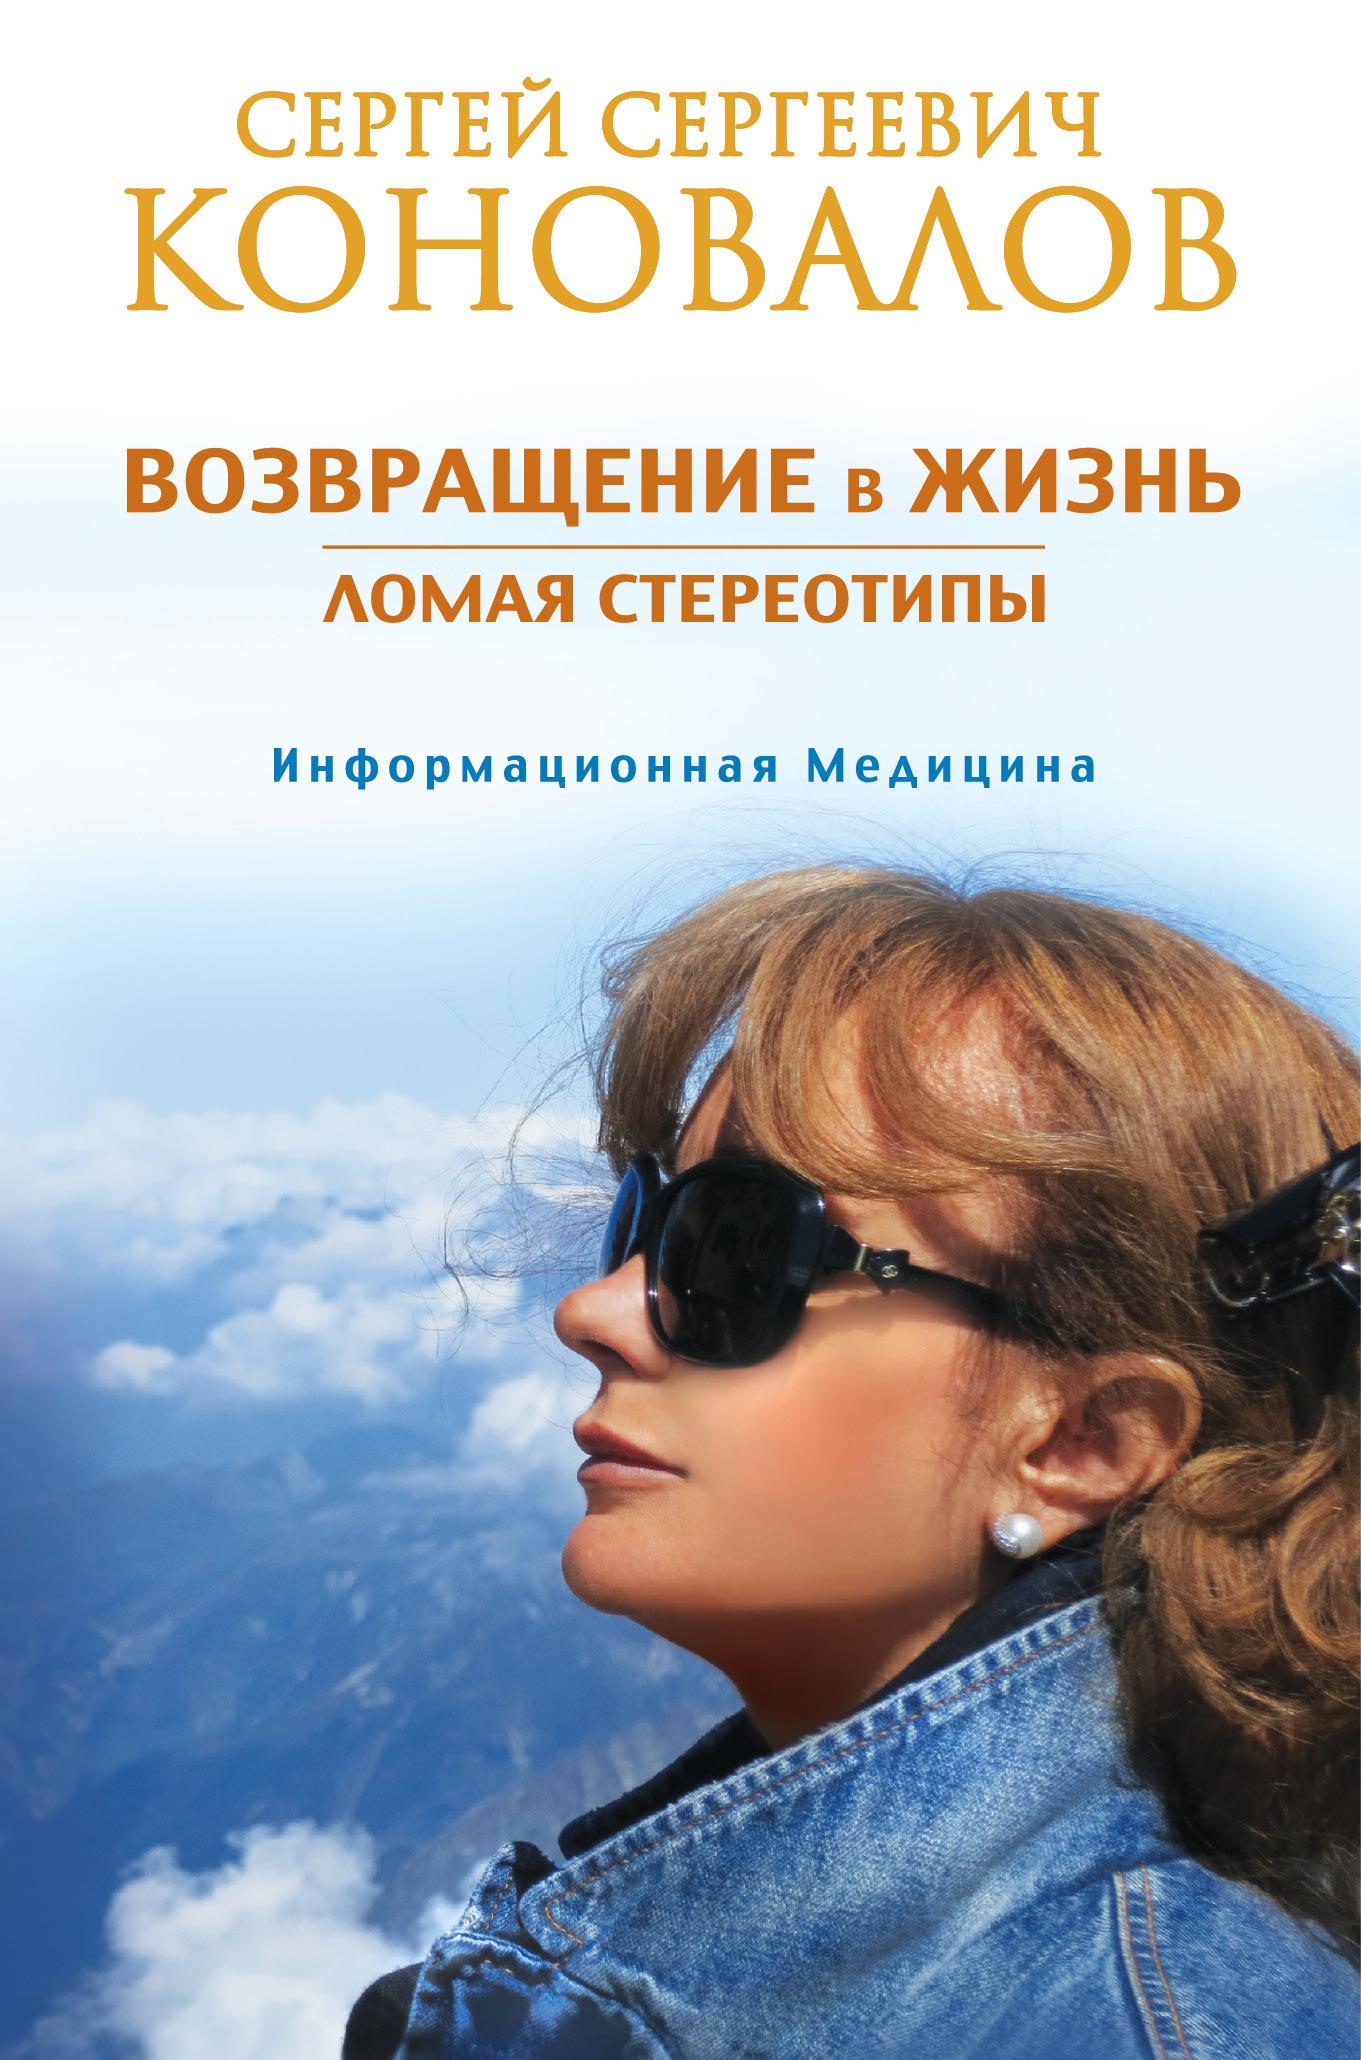 Сергей Сергеевич Коновалов Возвращение в жизнь. Ломая стереотипы